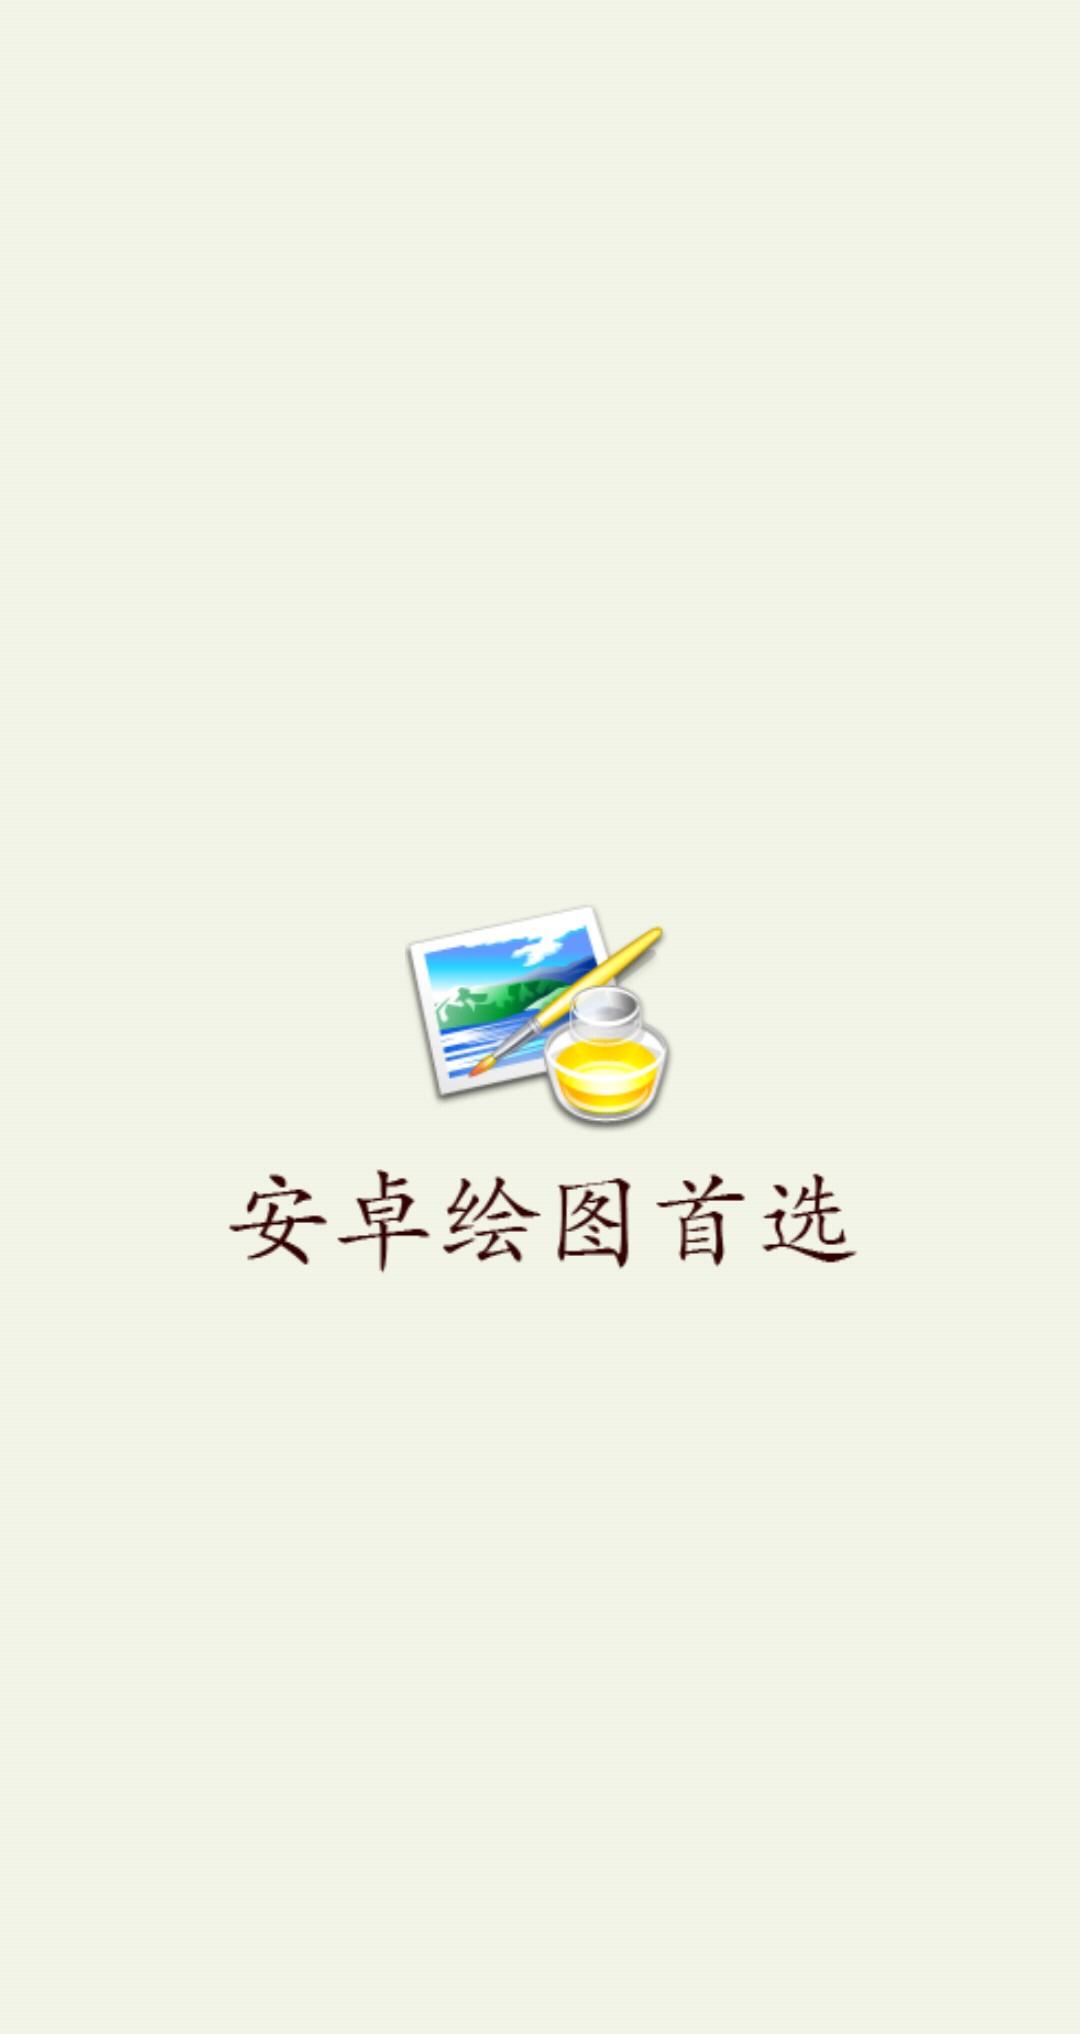 【分享】图片编辑工具-爱小助